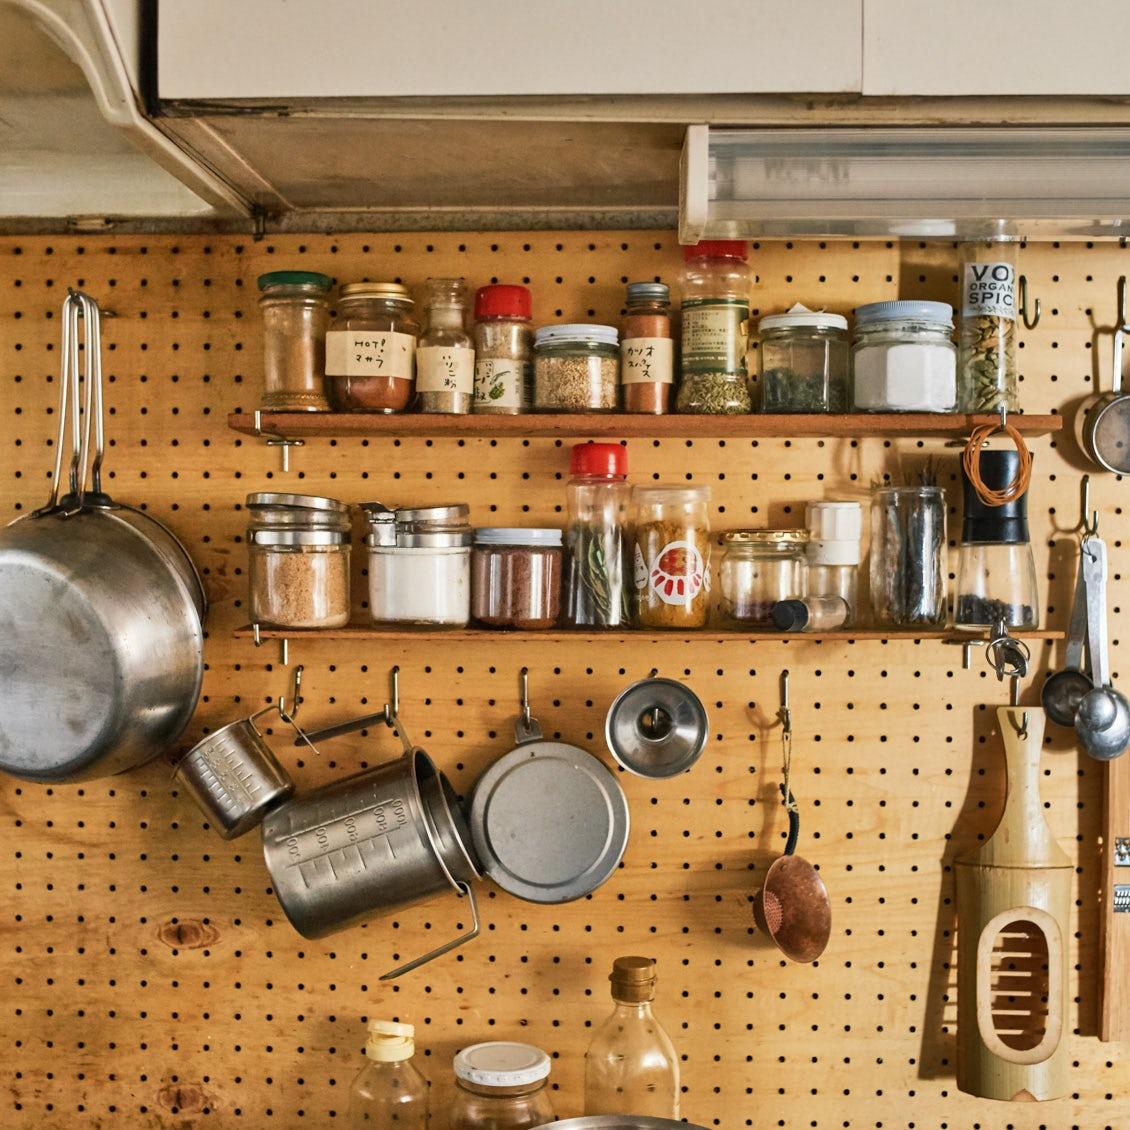 【キッチンからはじまる暮らし】第1話:どのアイテムも見渡しやすい、料理家さんのキッチン